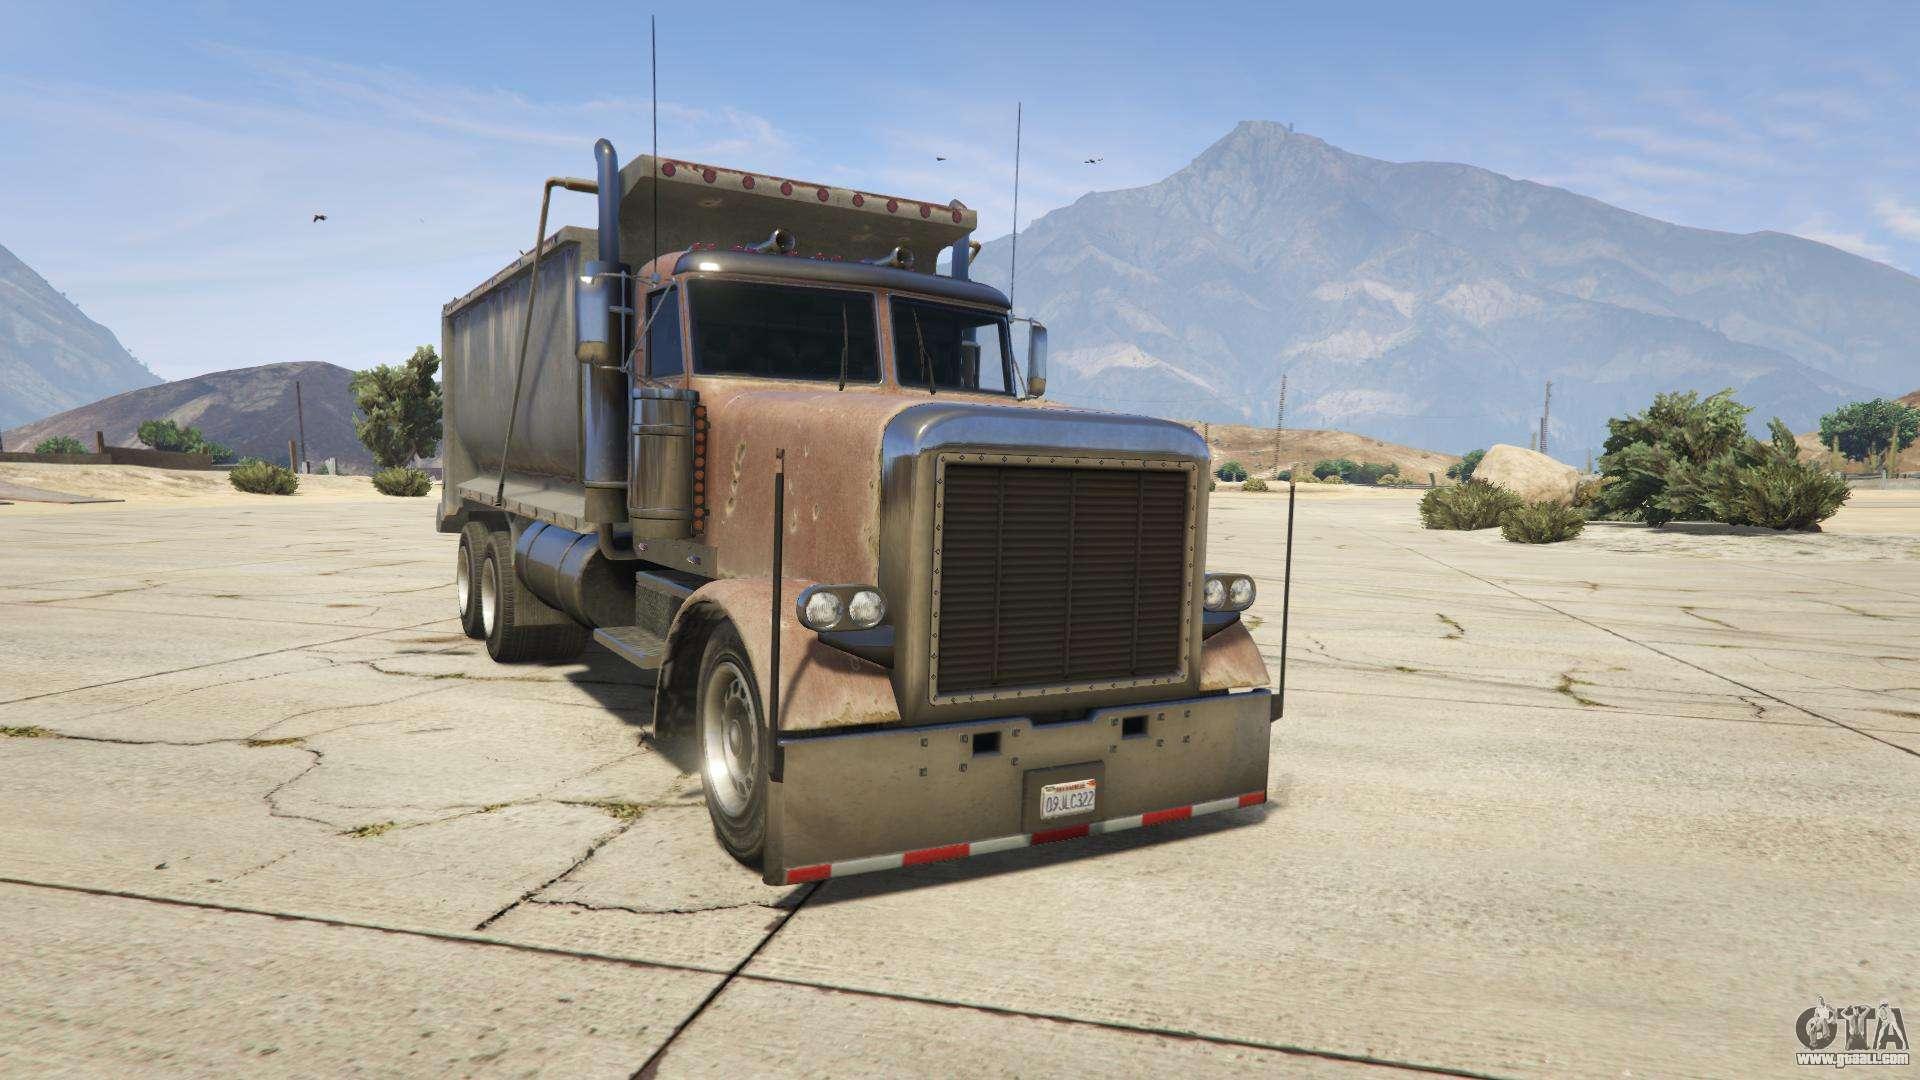 gta 5 jobuilt rubble screenshots features and description of the truck. Black Bedroom Furniture Sets. Home Design Ideas